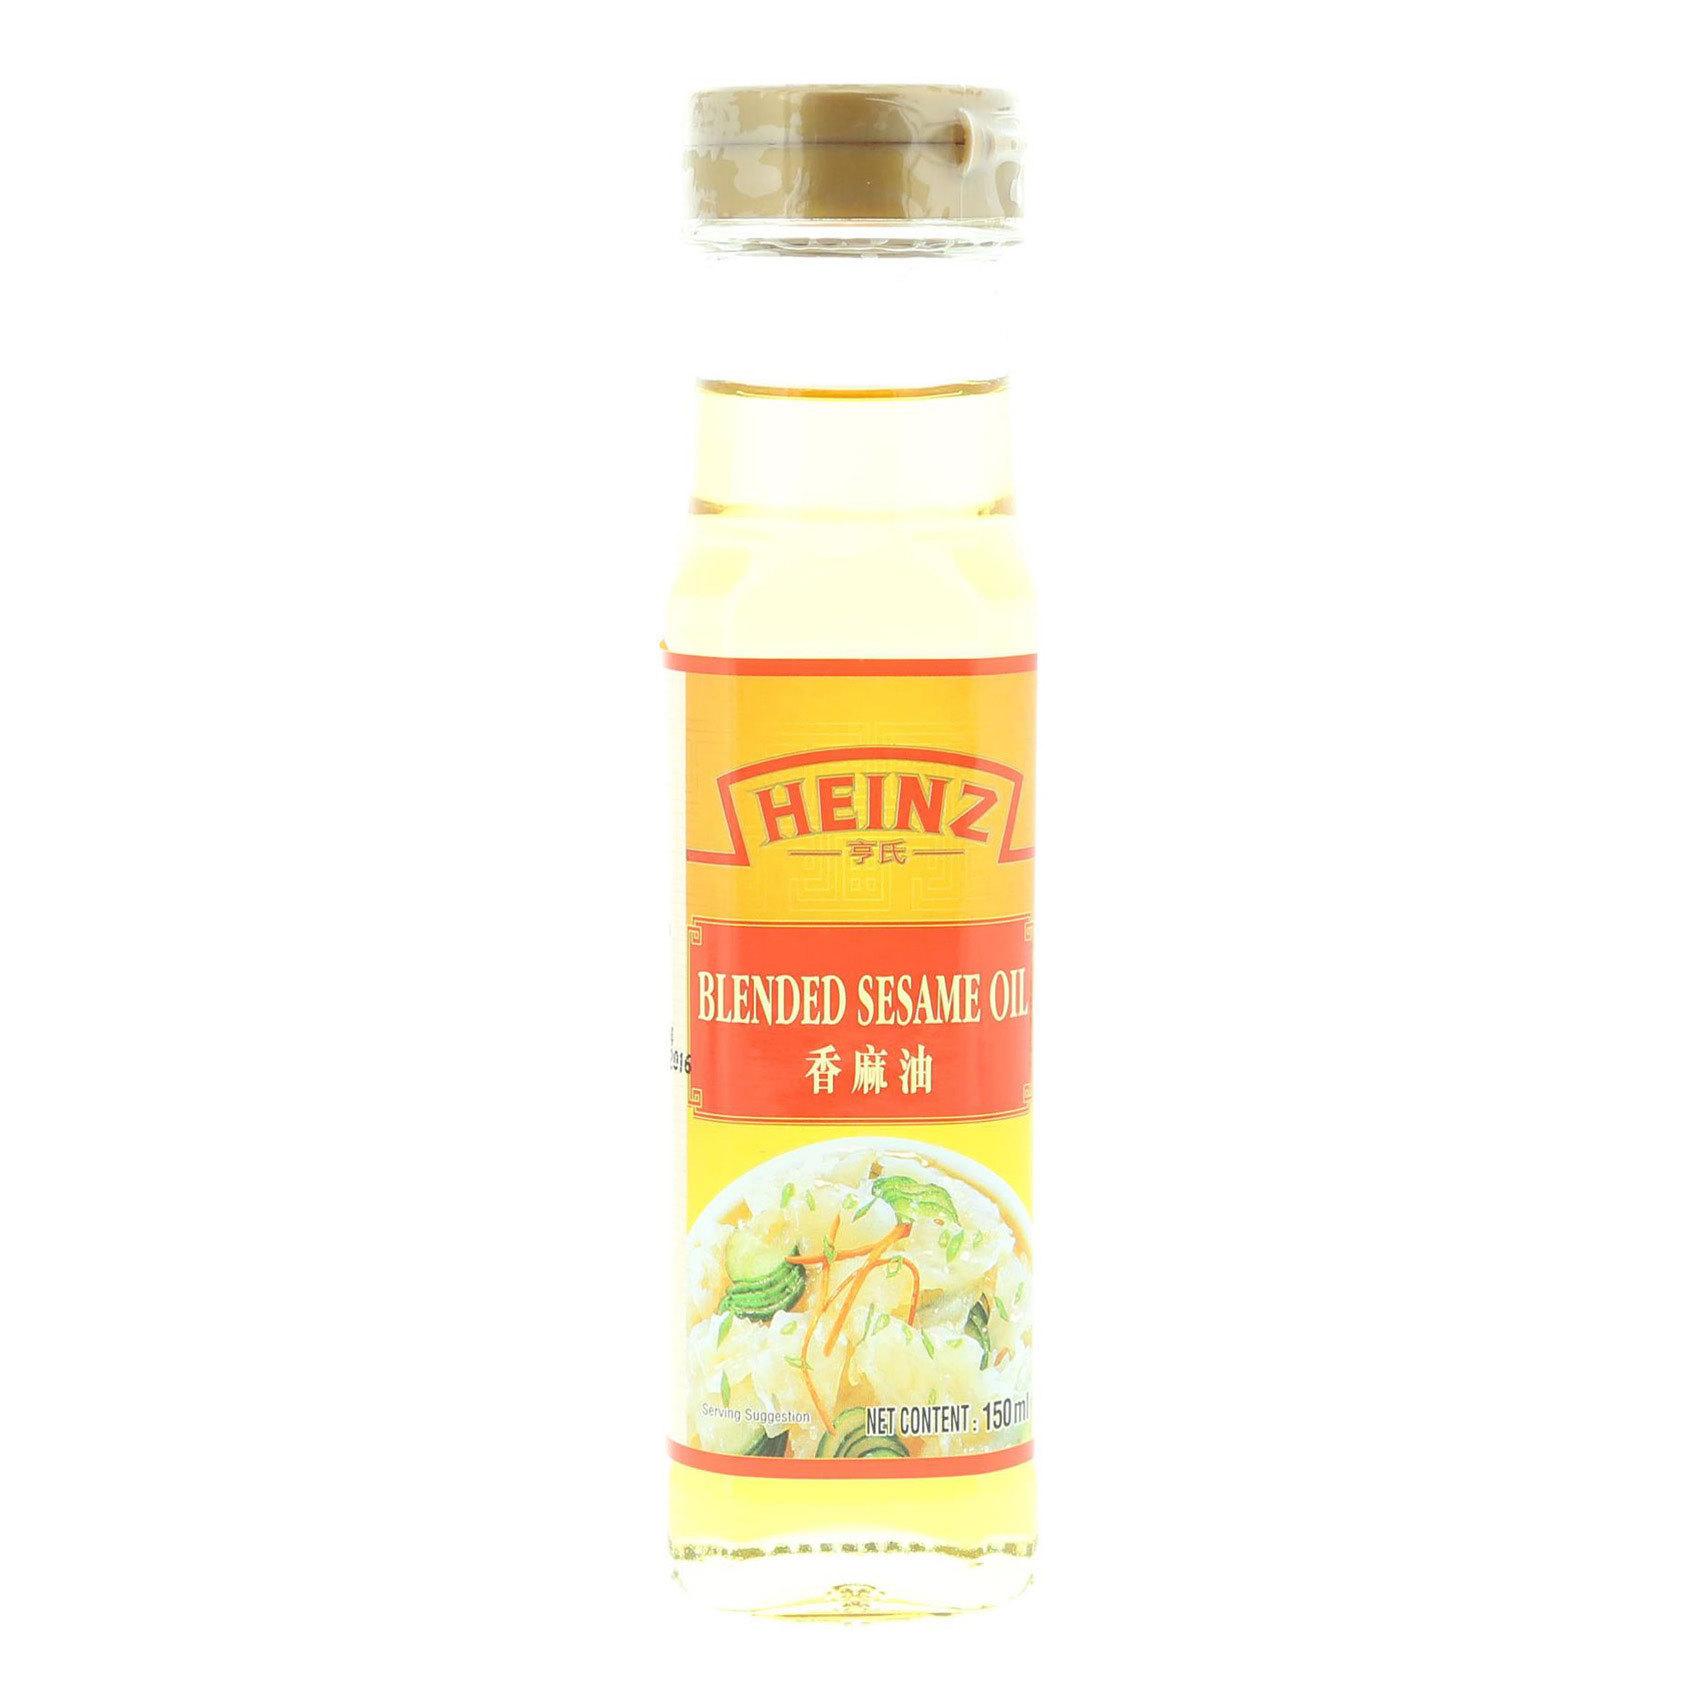 HEINZ BLENDED SEASME OIL 150ML